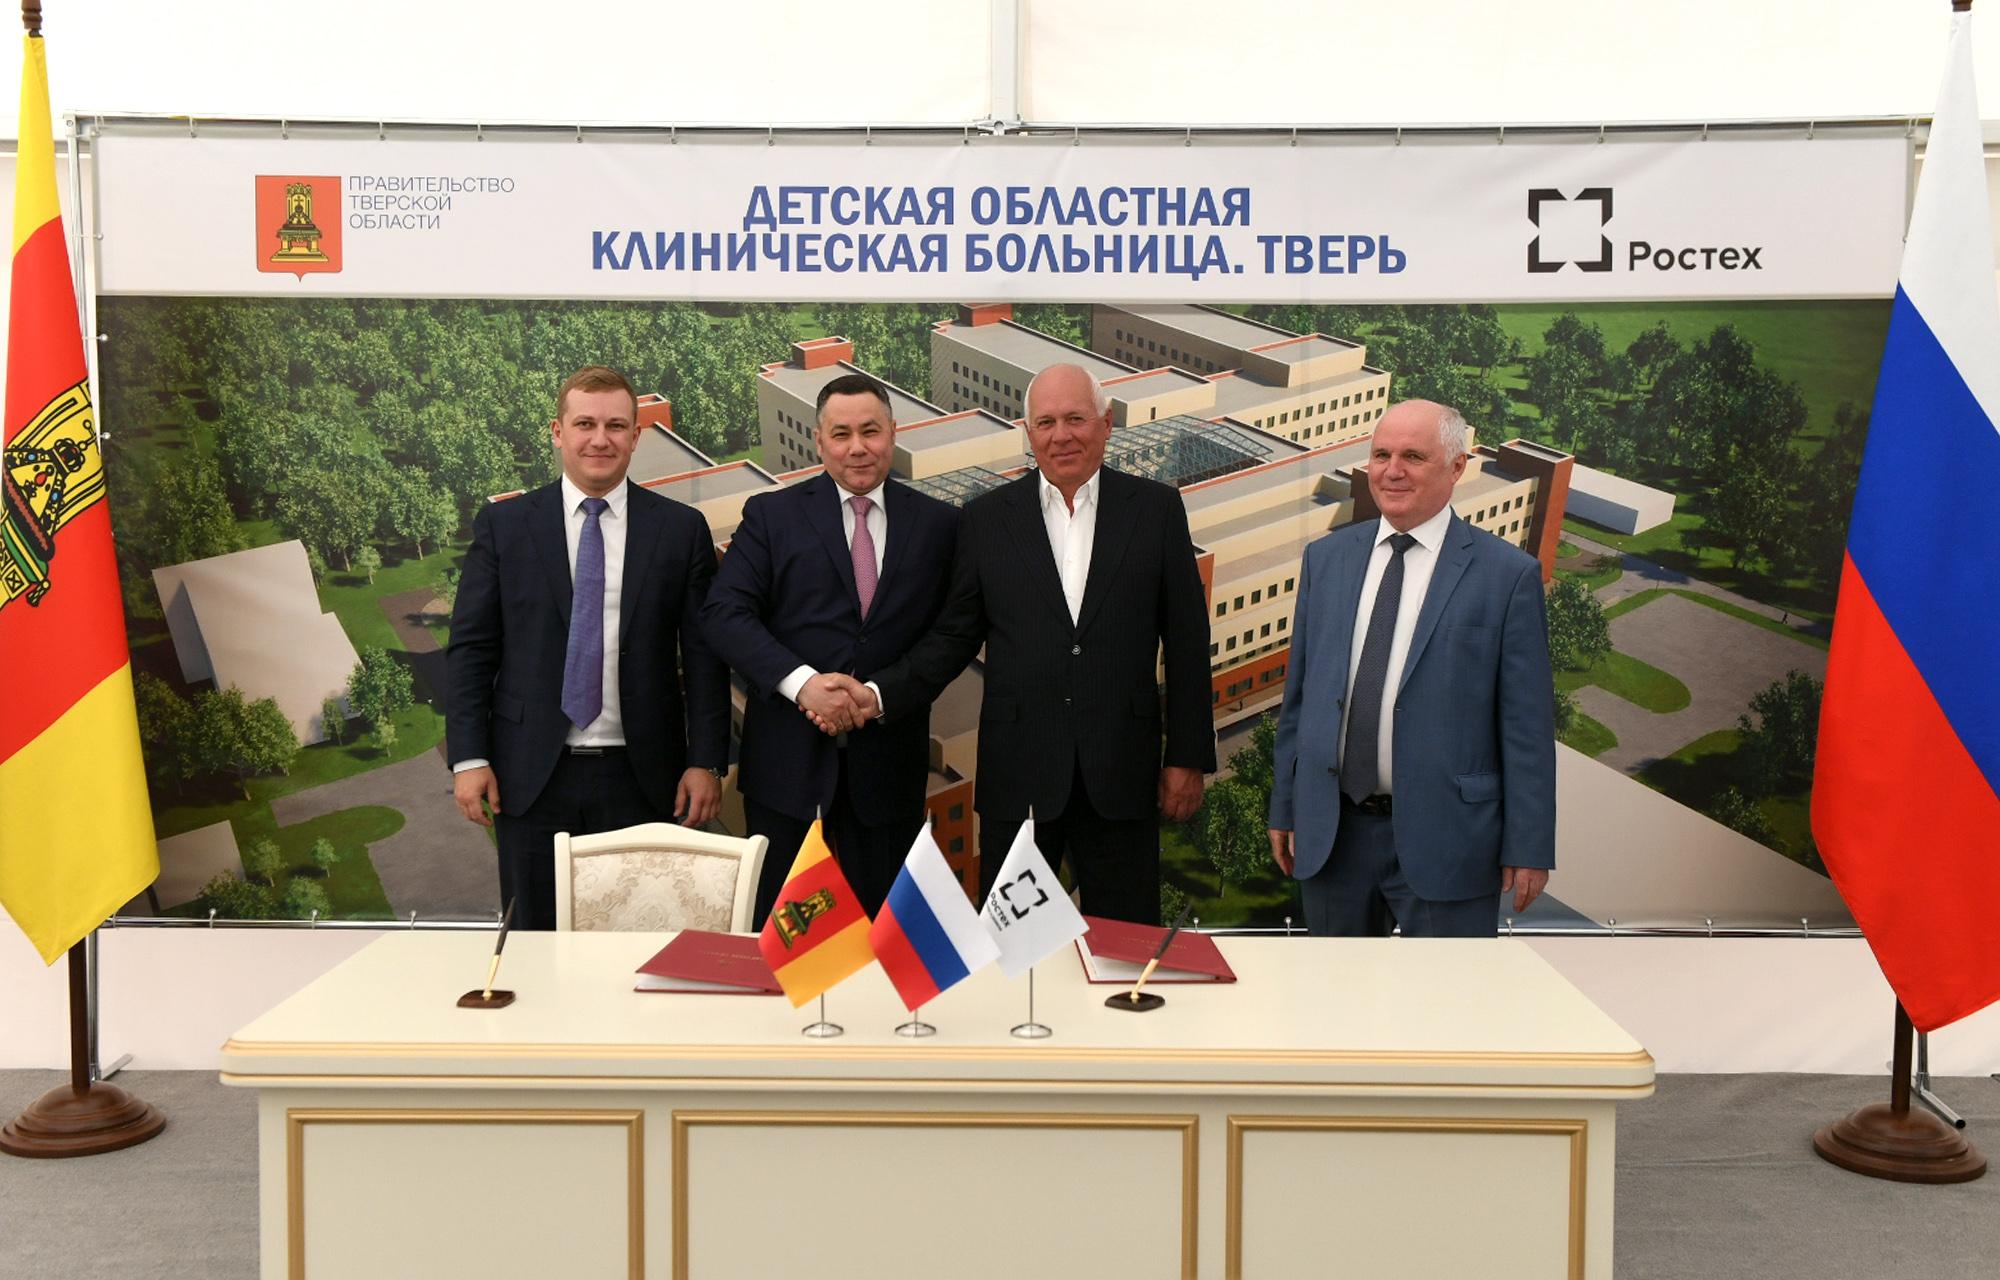 В Твери заложили первый камень на месте строительства детской областной больницы